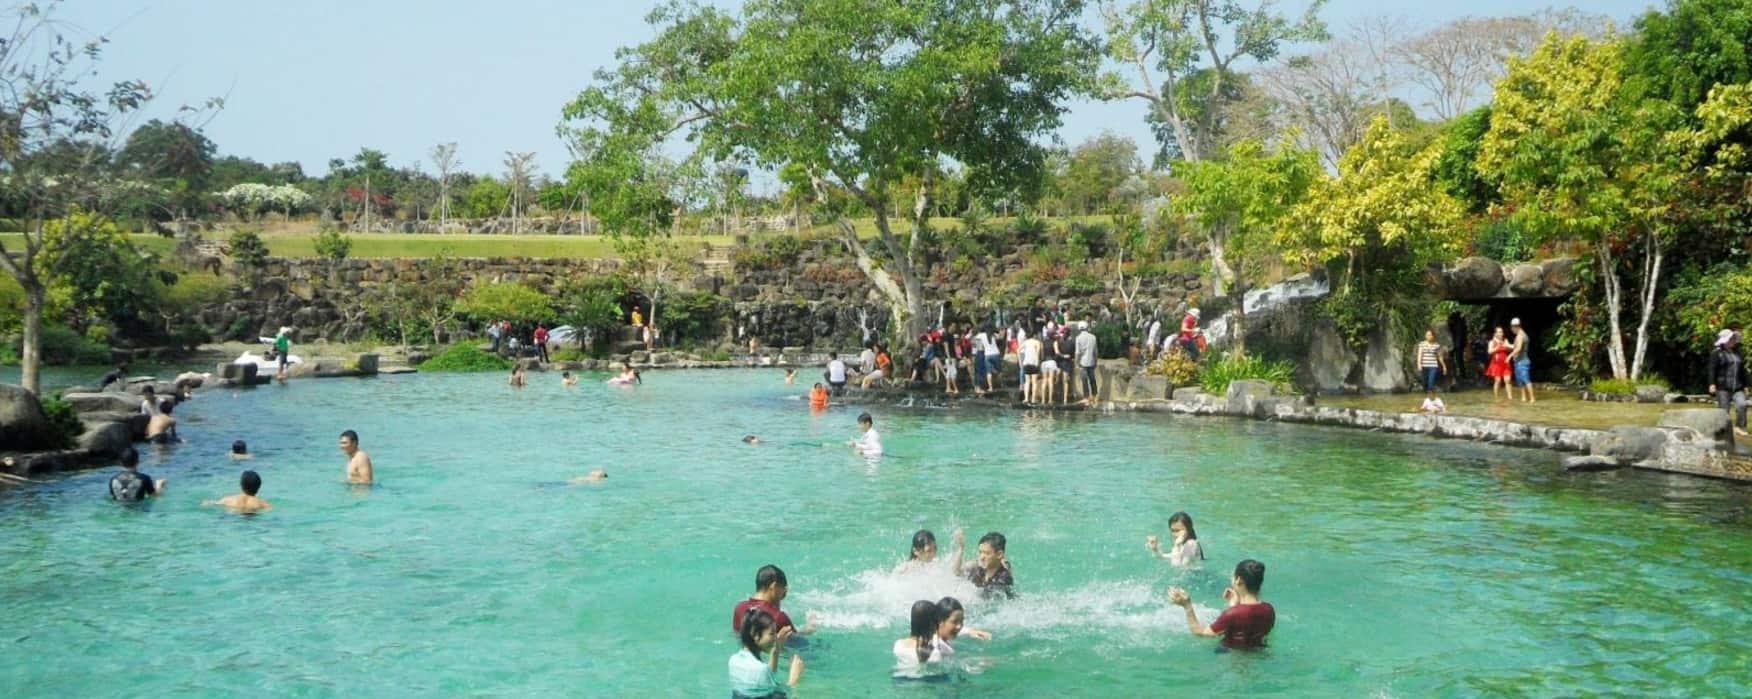 Hồ bơi người lớn